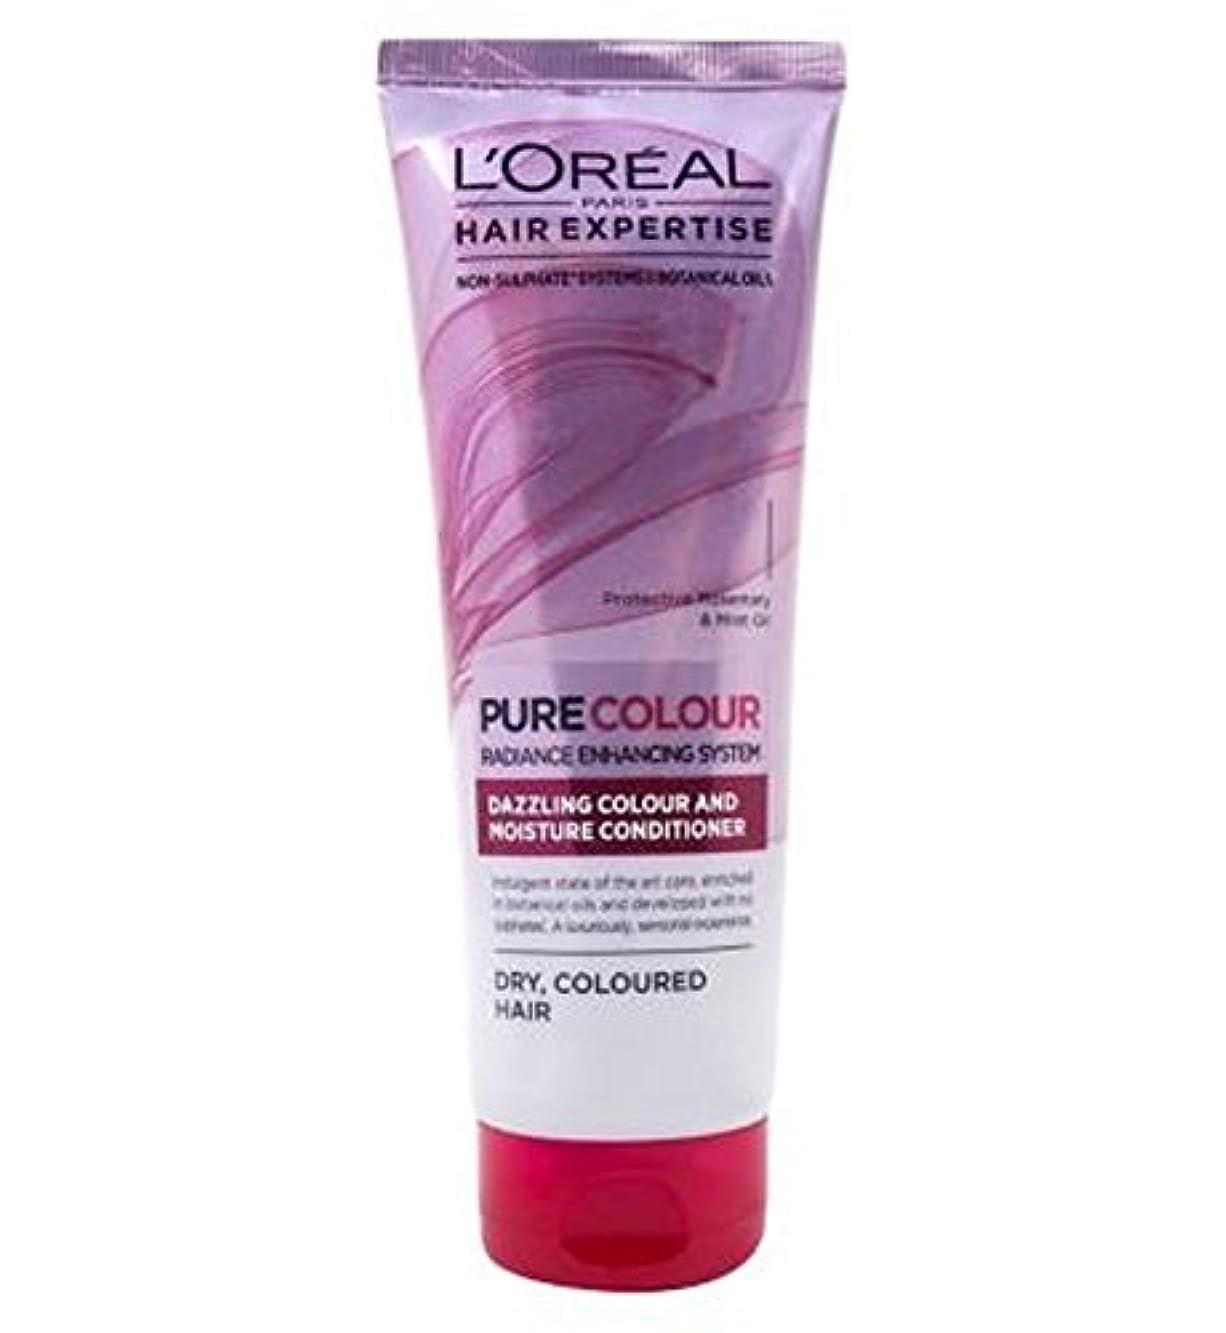 困惑肘掛け椅子口径ロレアルパリの髪の専門知識の超純粋なカラーケア&水分コンディショナー250Ml (L'Oreal) (x2) - L'Oreal Paris Hair Expertise SuperPure Colour Care &...